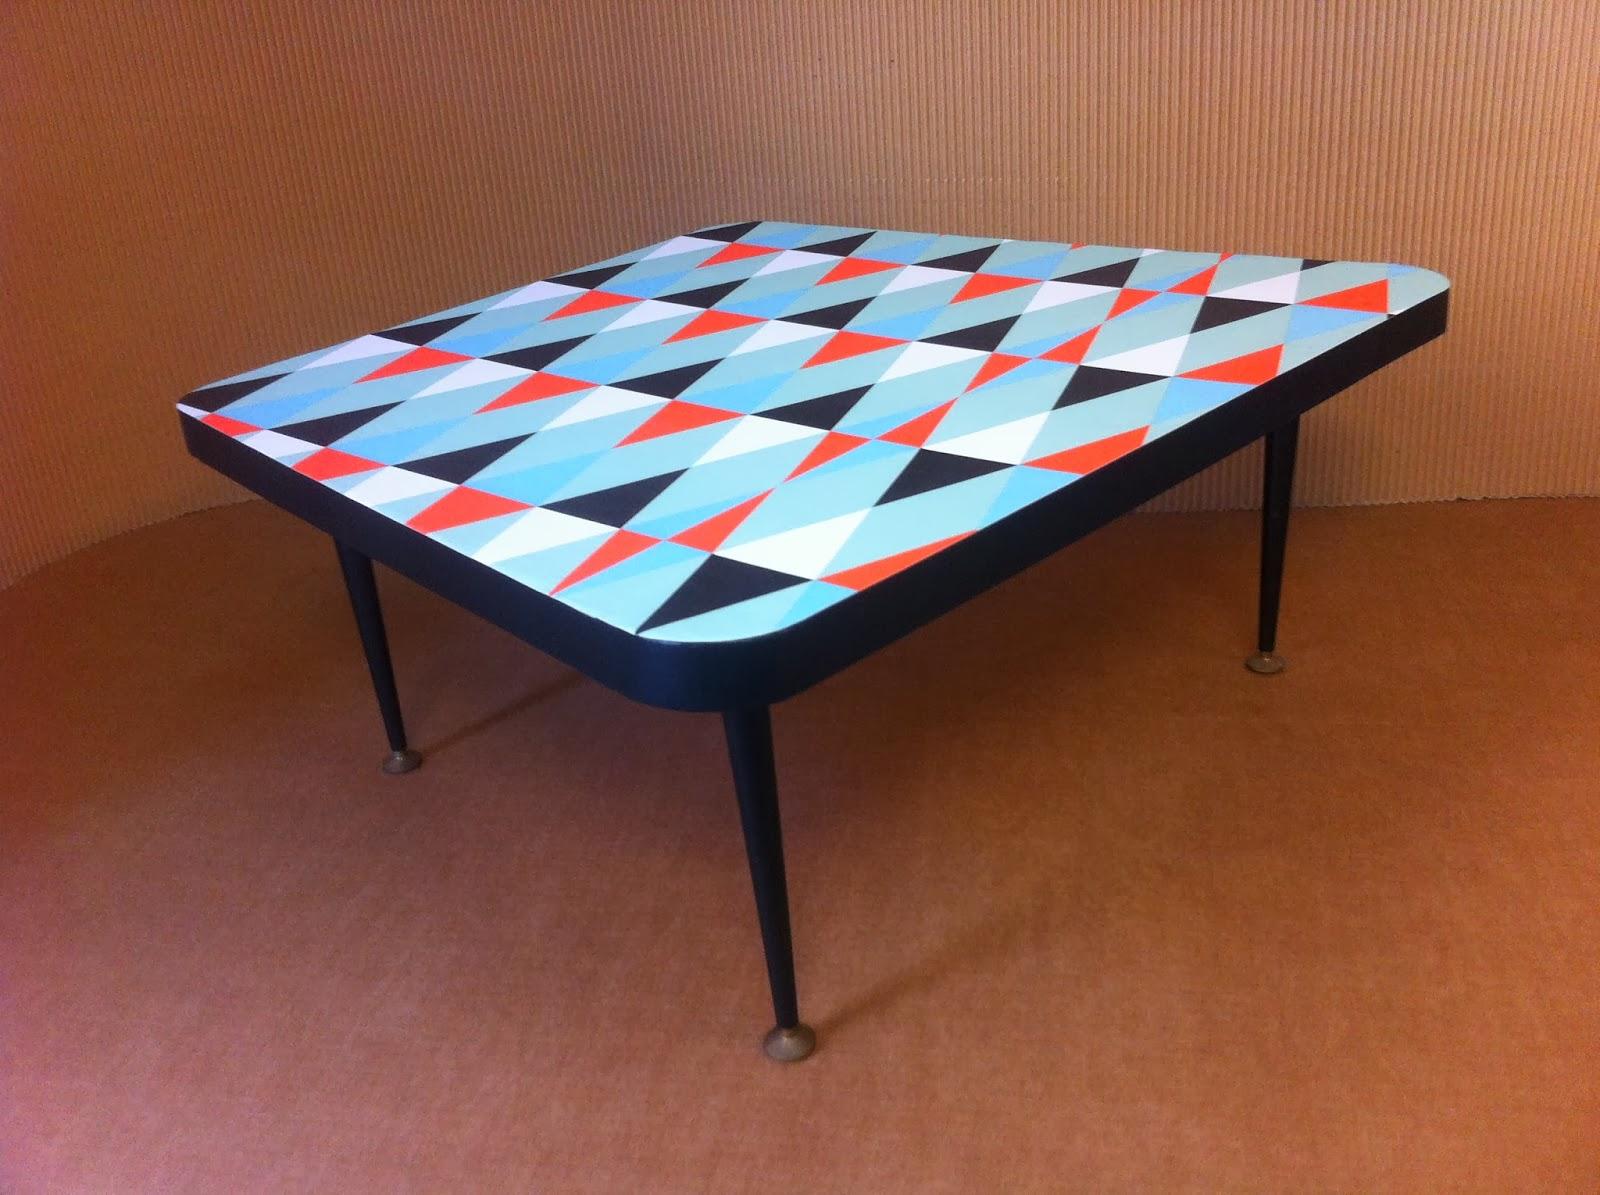 table basse en carton. motif géométrique. pieds en métal. fabriquée à marseille par juliadesign